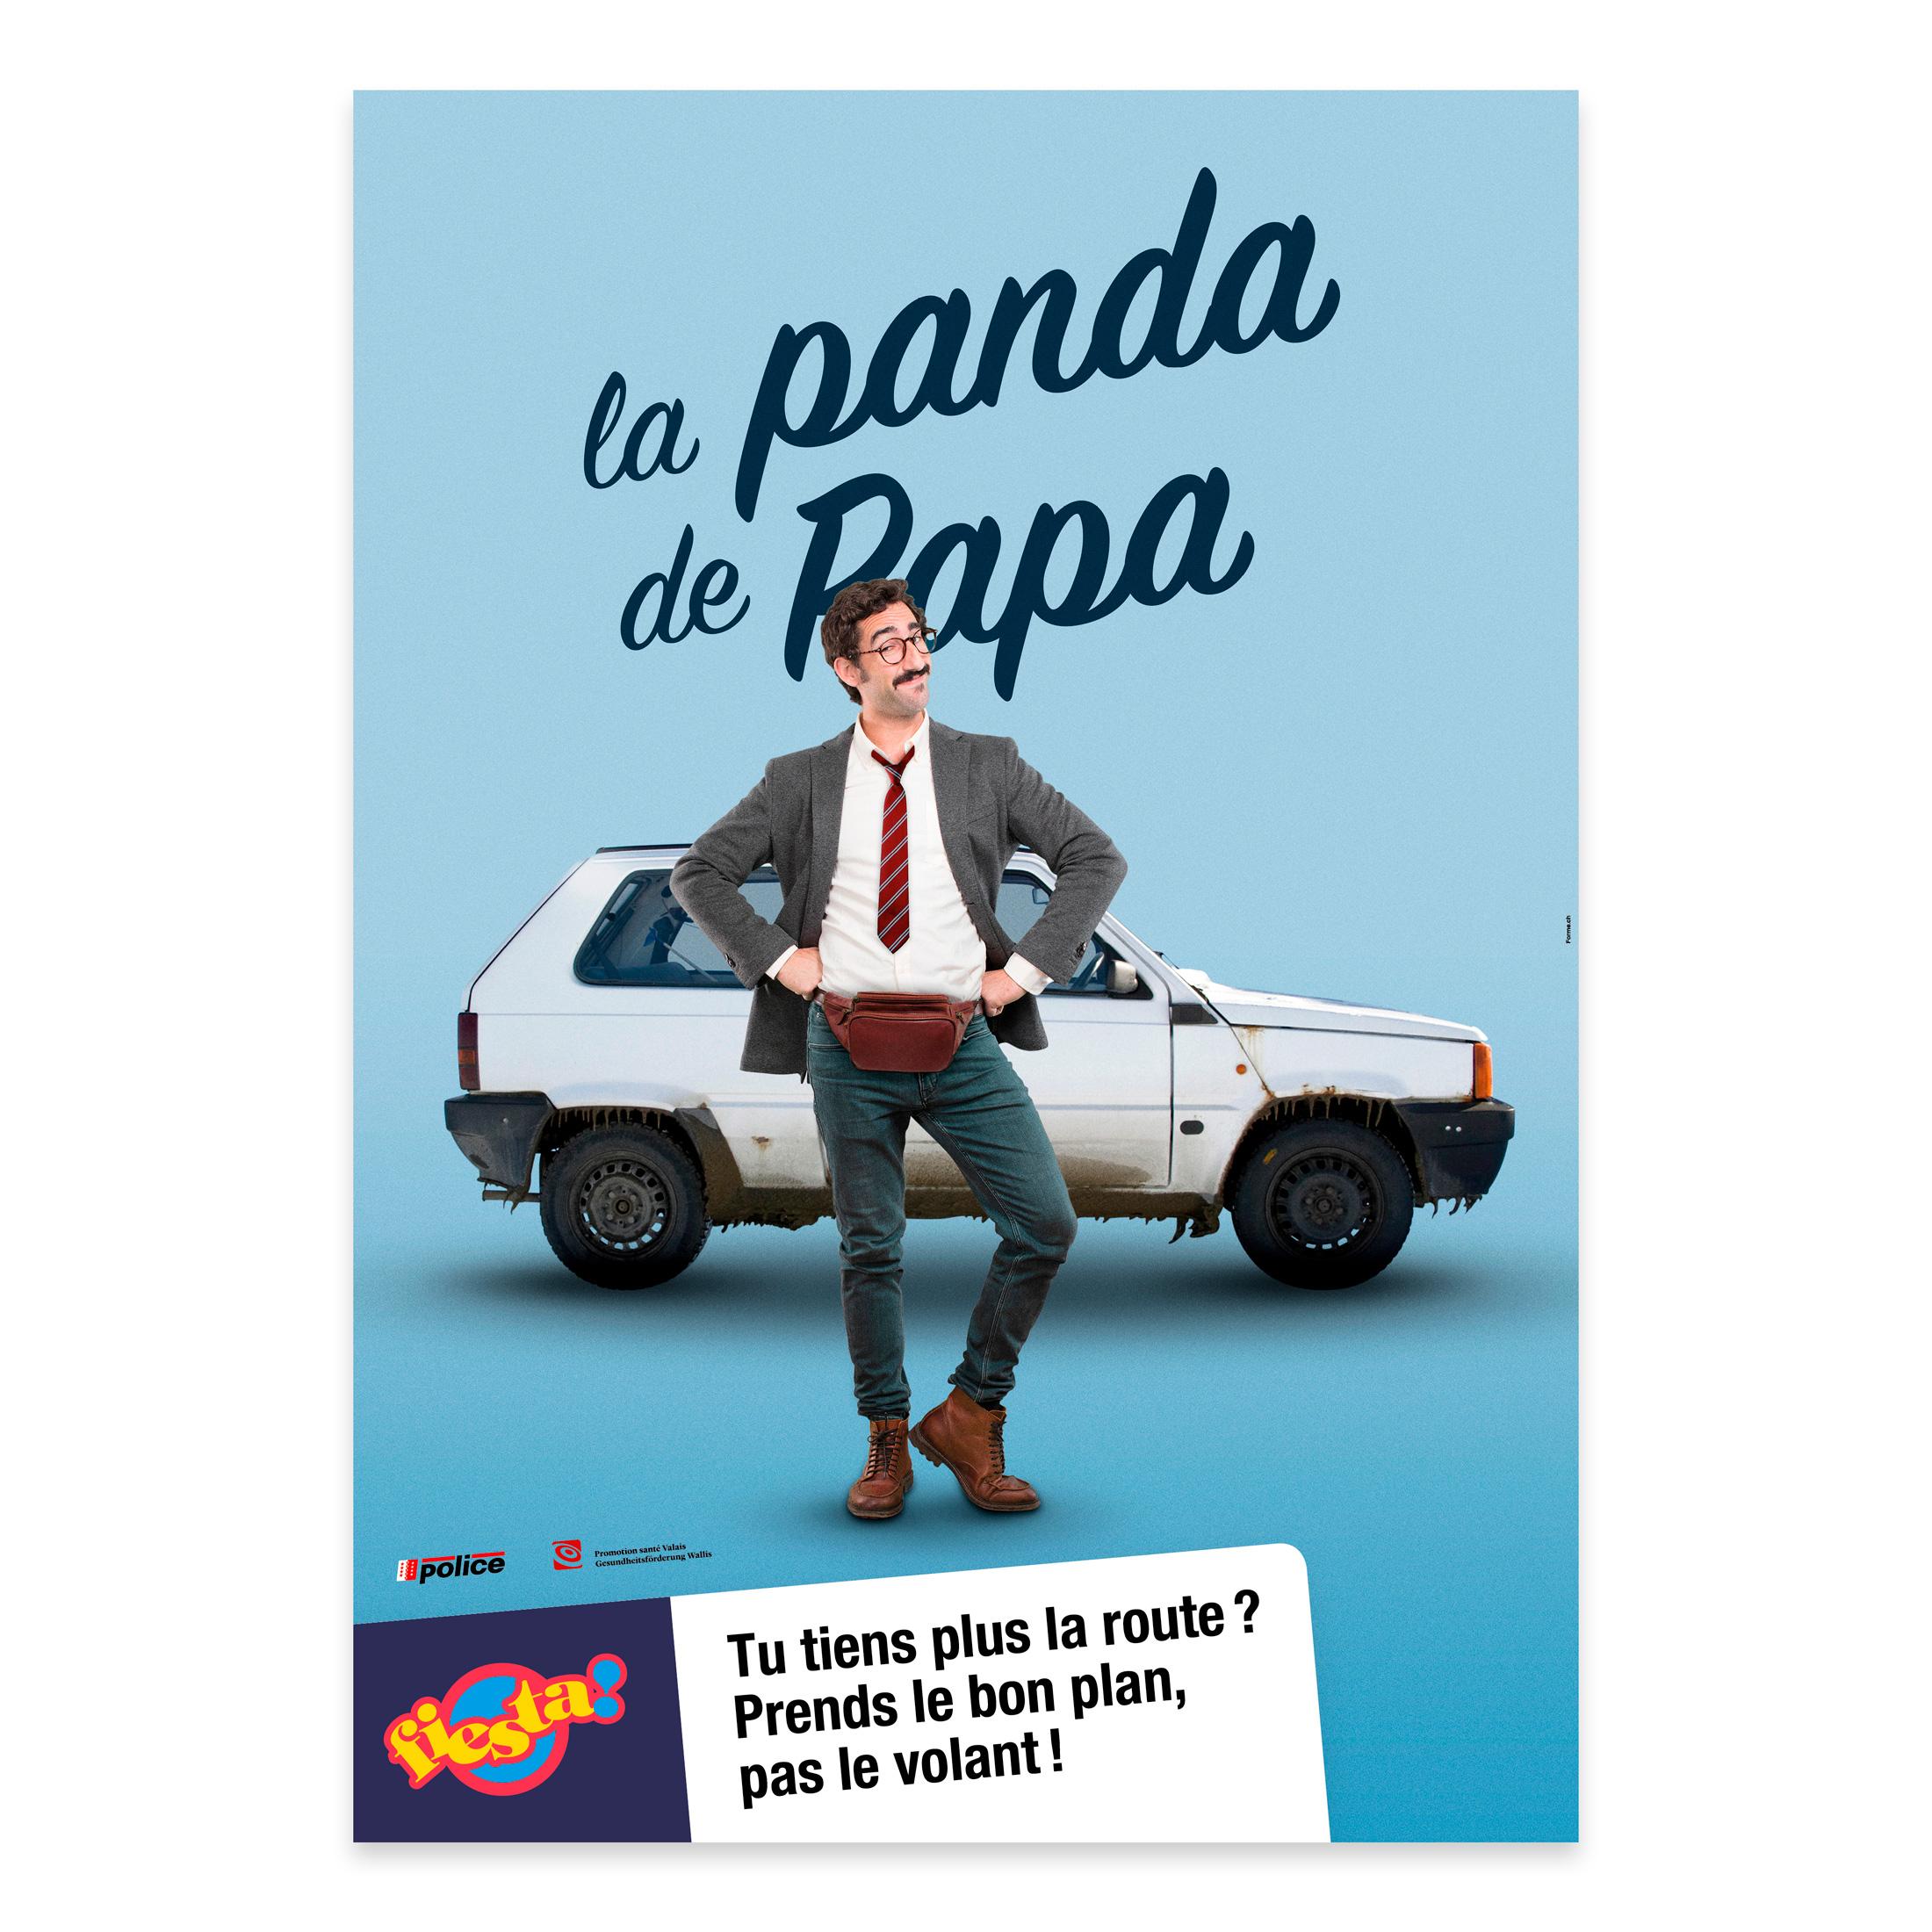 Fiesta-Affiche-FR-Papa-high